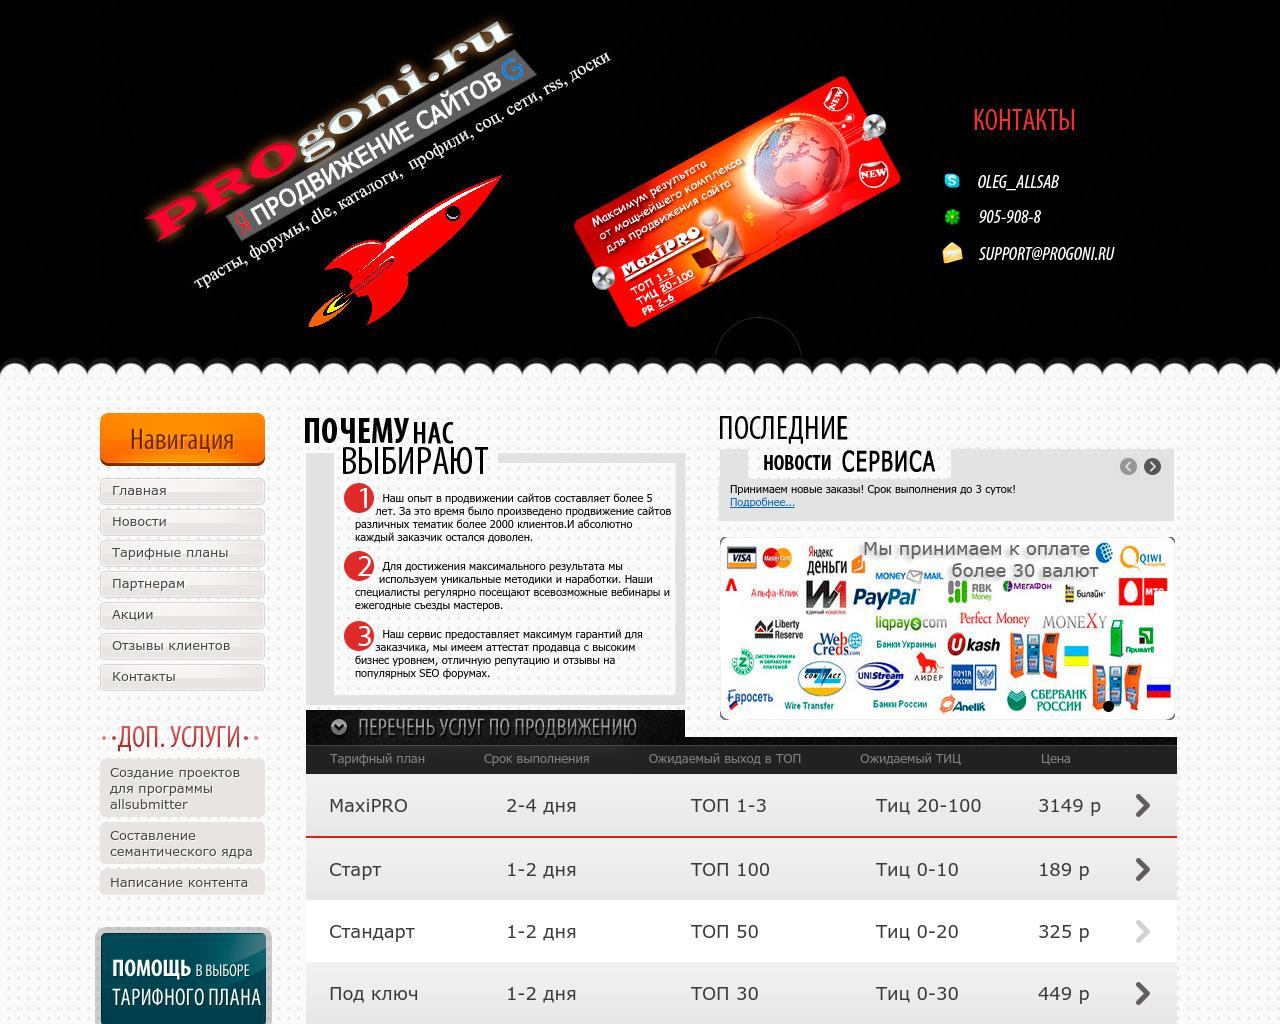 Топ сервисов продвижения сайтов продвижение яндекс директ обучение